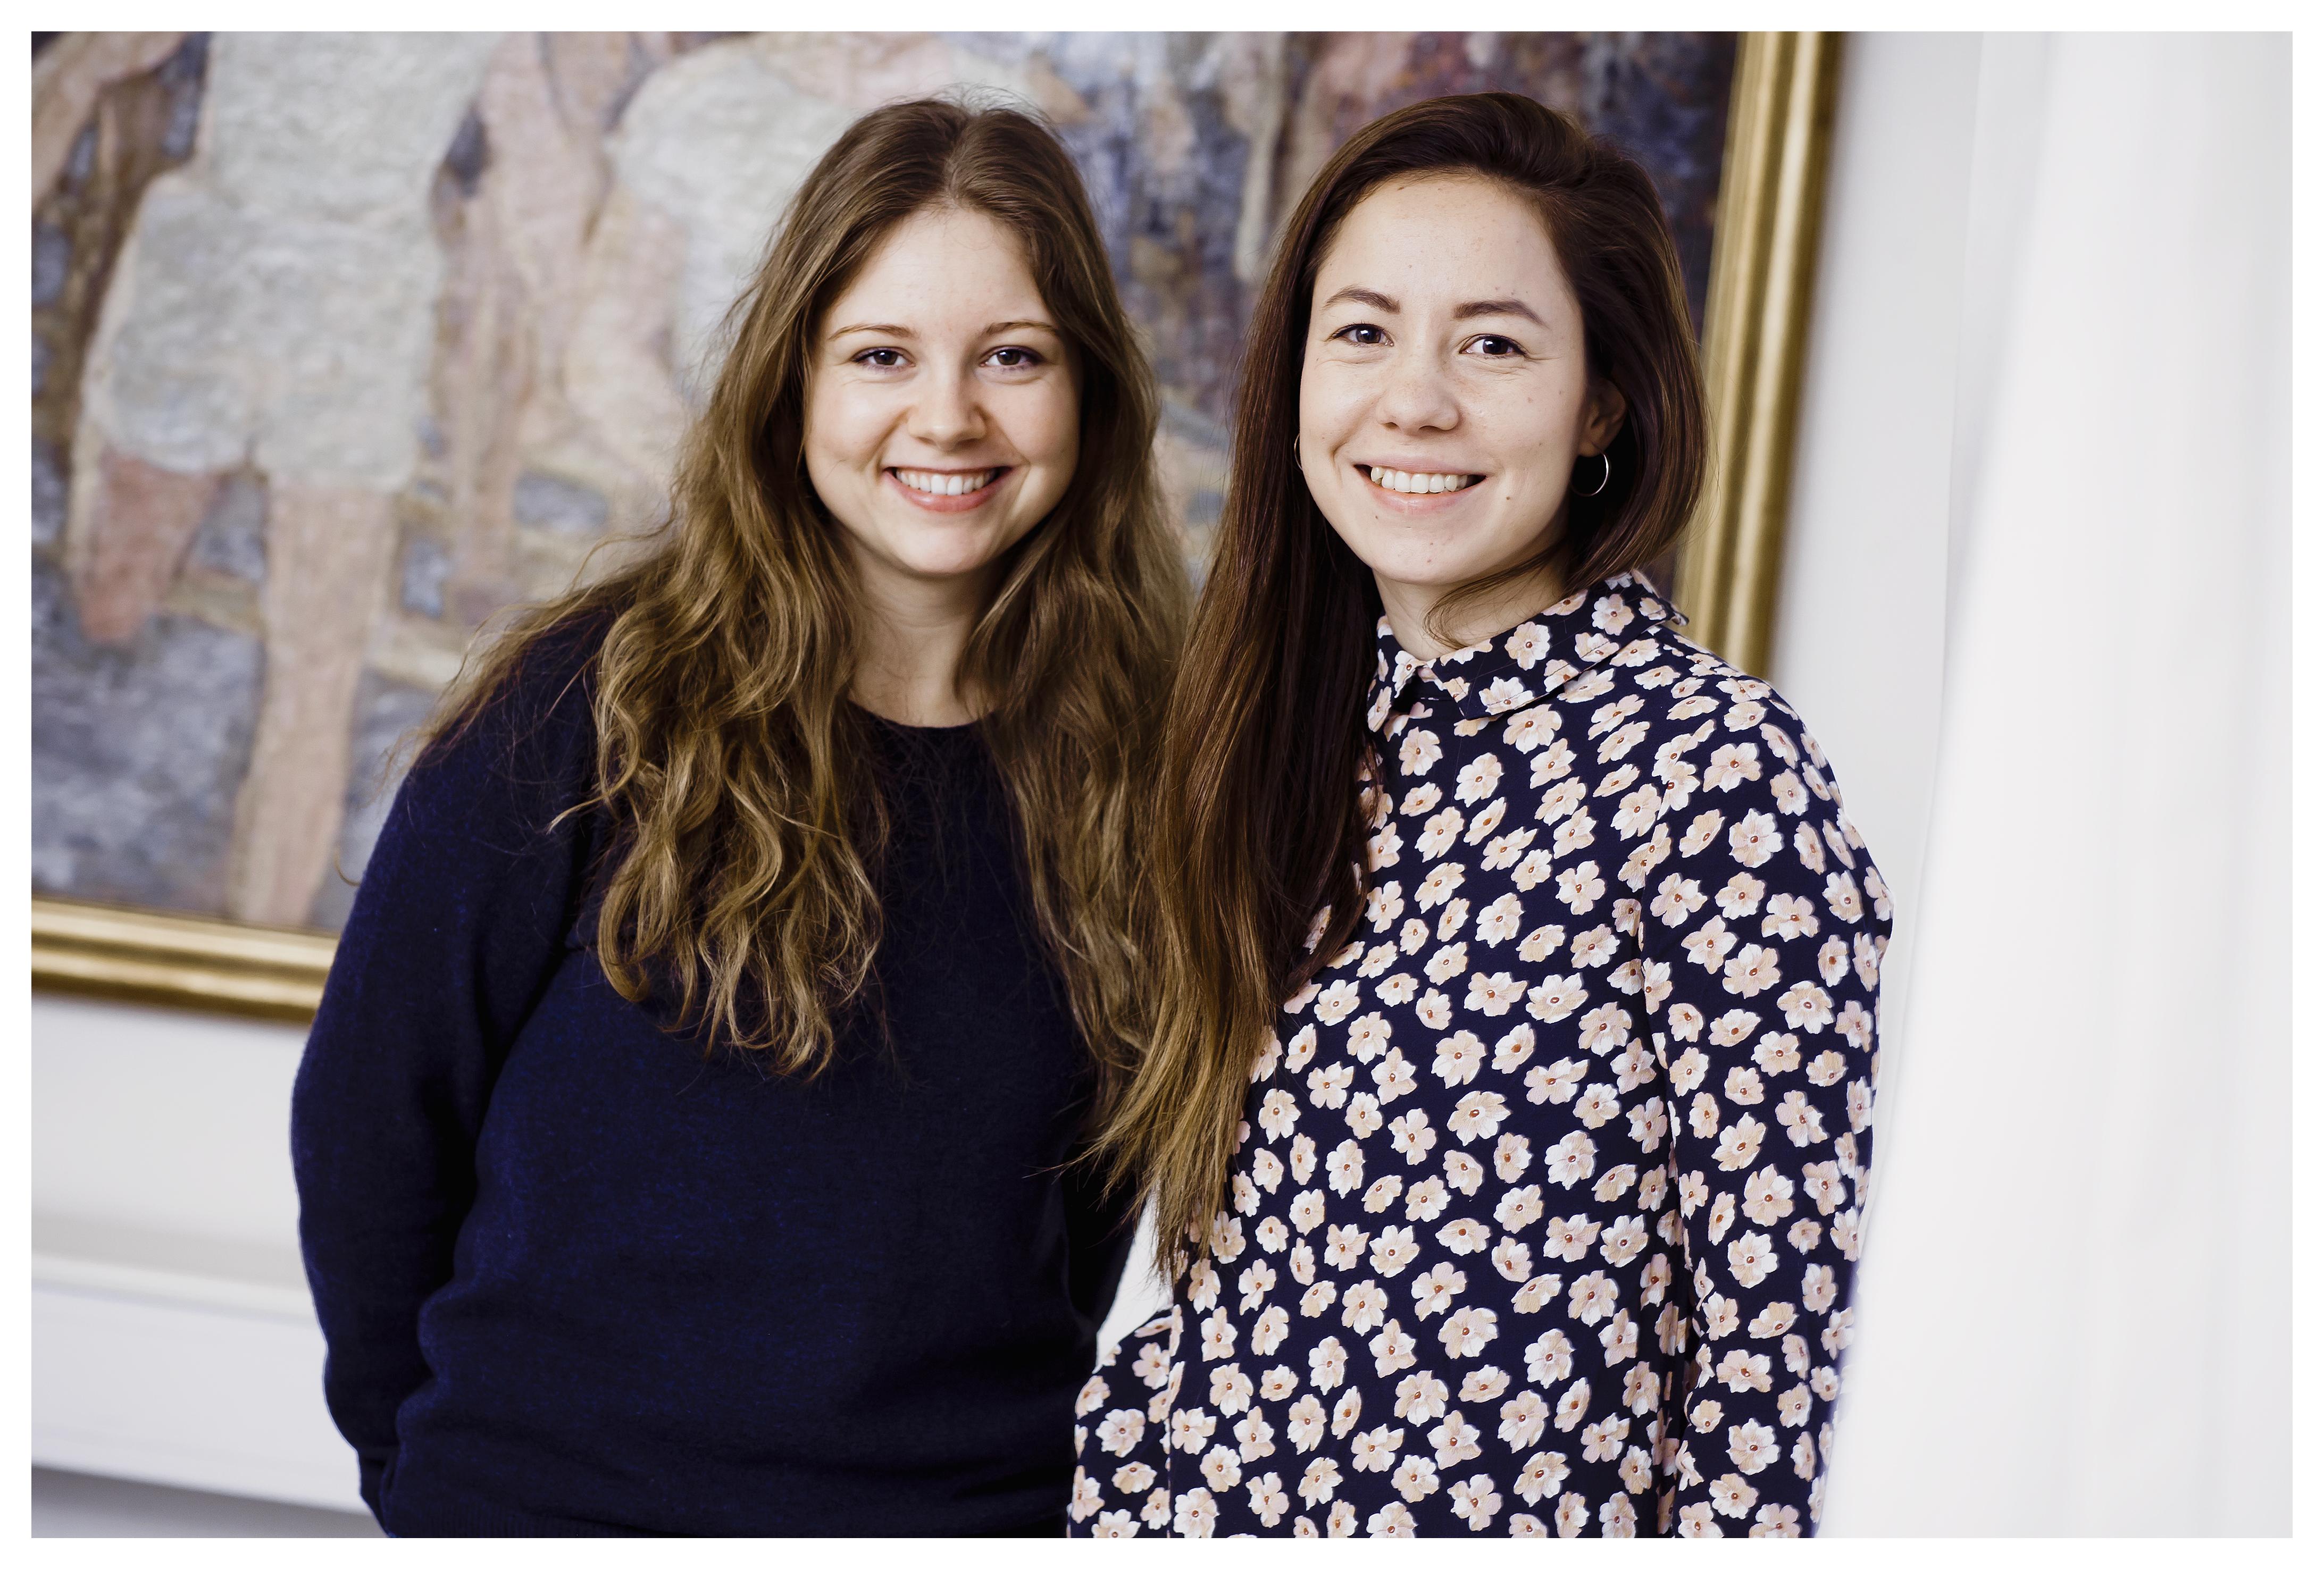 Ergoterapeuterne Sofie Tran og Louise Dehli står for CST-forløbene, og de oplever, at metoden øger borgernes livskvalitet.